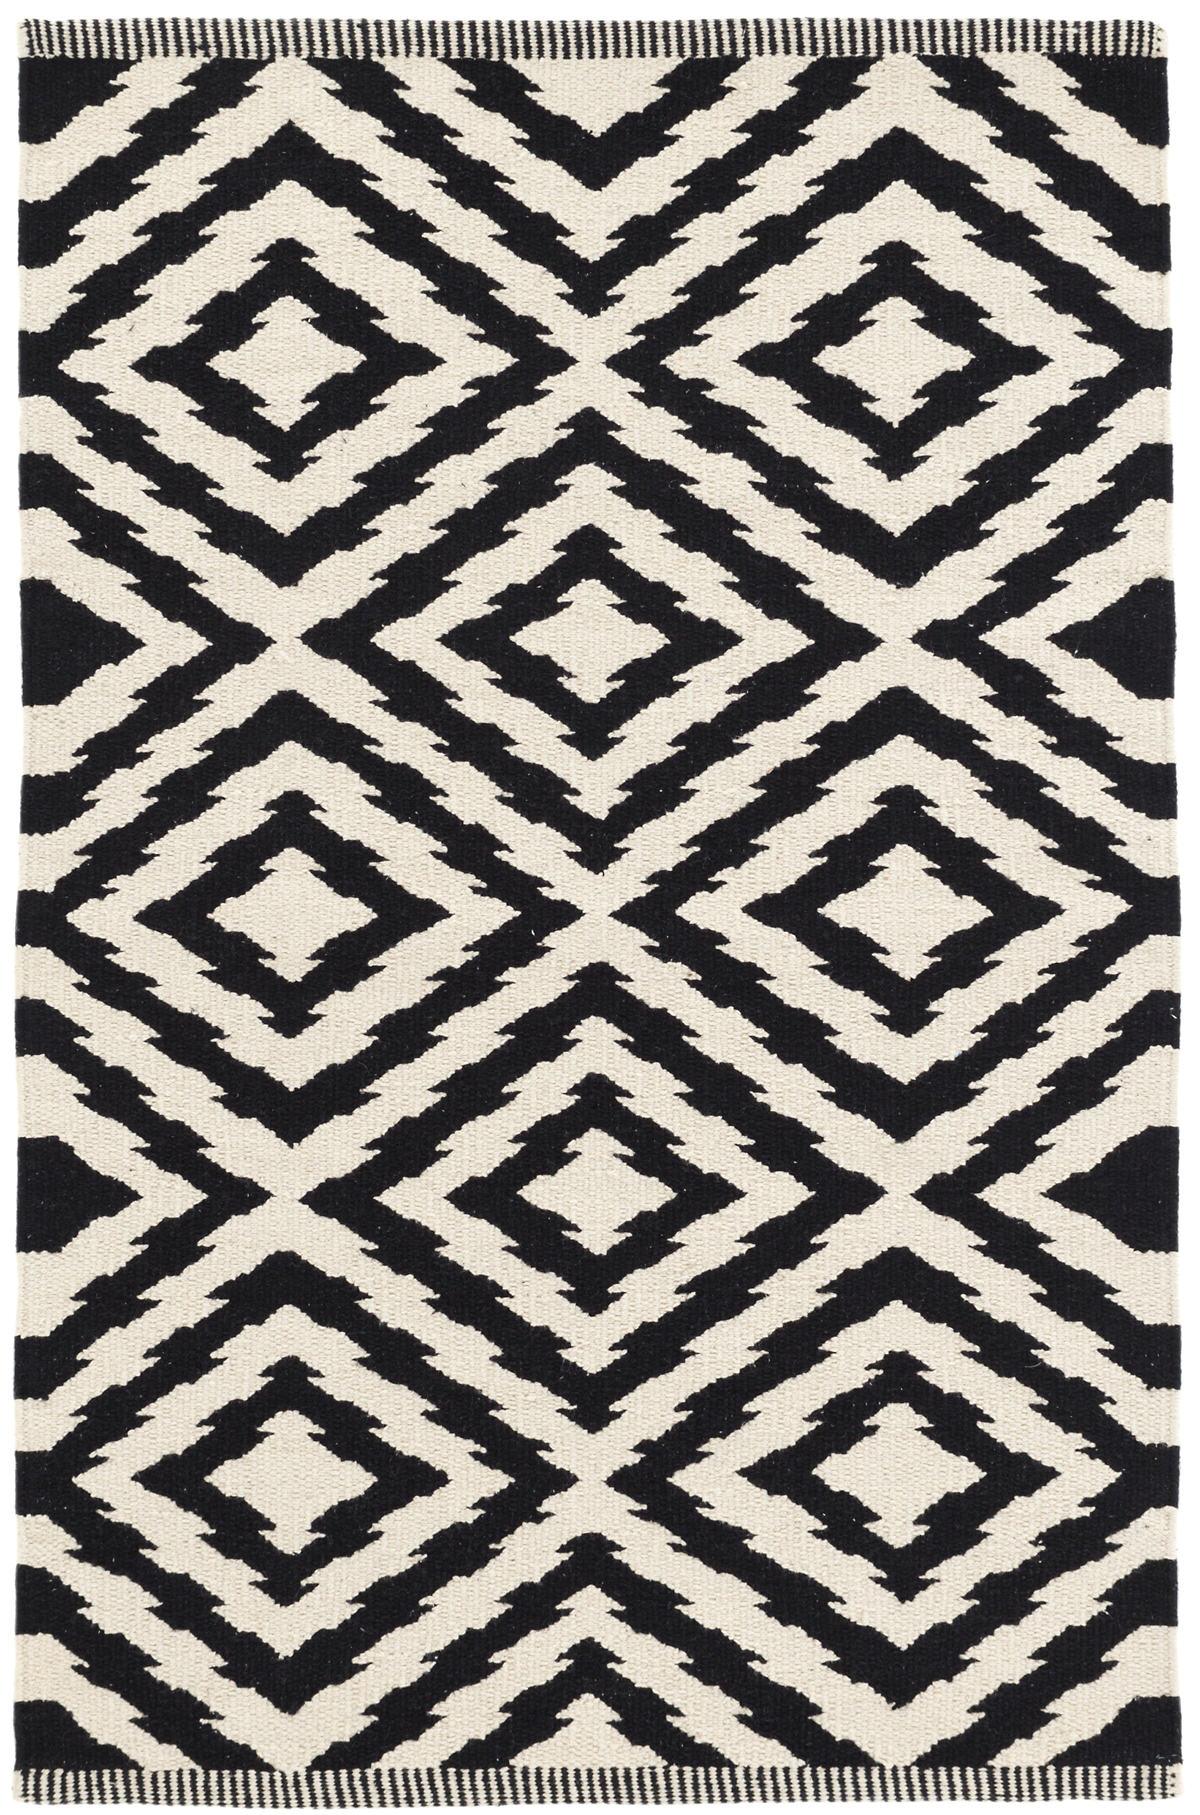 Clover Black Woven Cotton Rug